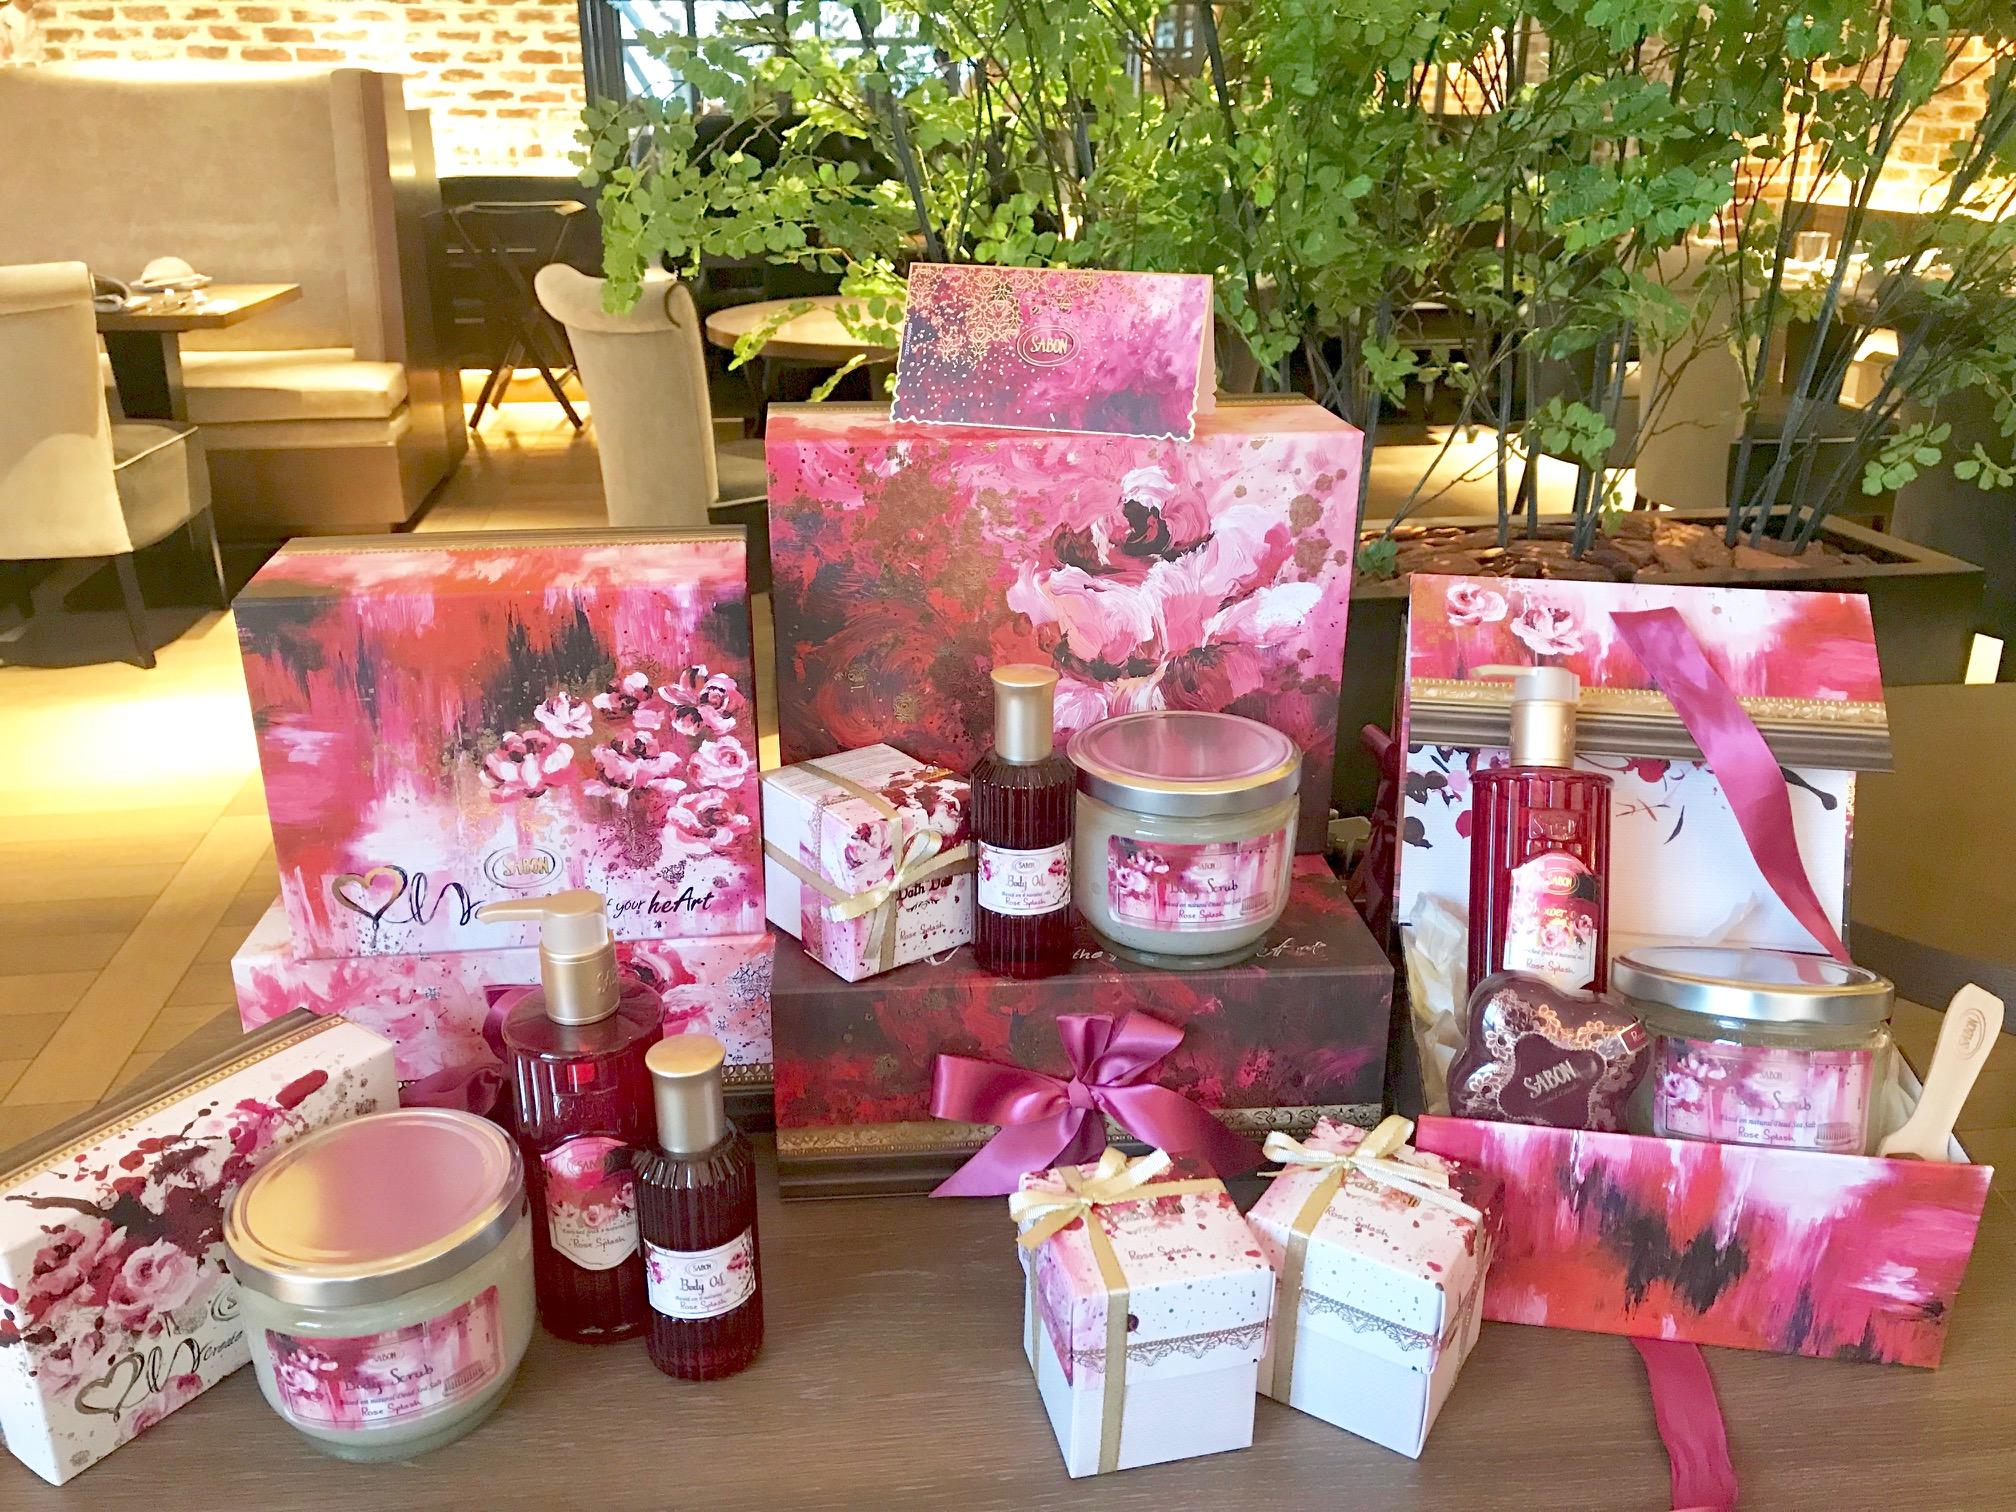 『SABON』が贈る、ローズ香るピンクのディナー(しかも特典つき♡)!! 今度のデートや女子会は『ザ ストリングス 表参道』で_1